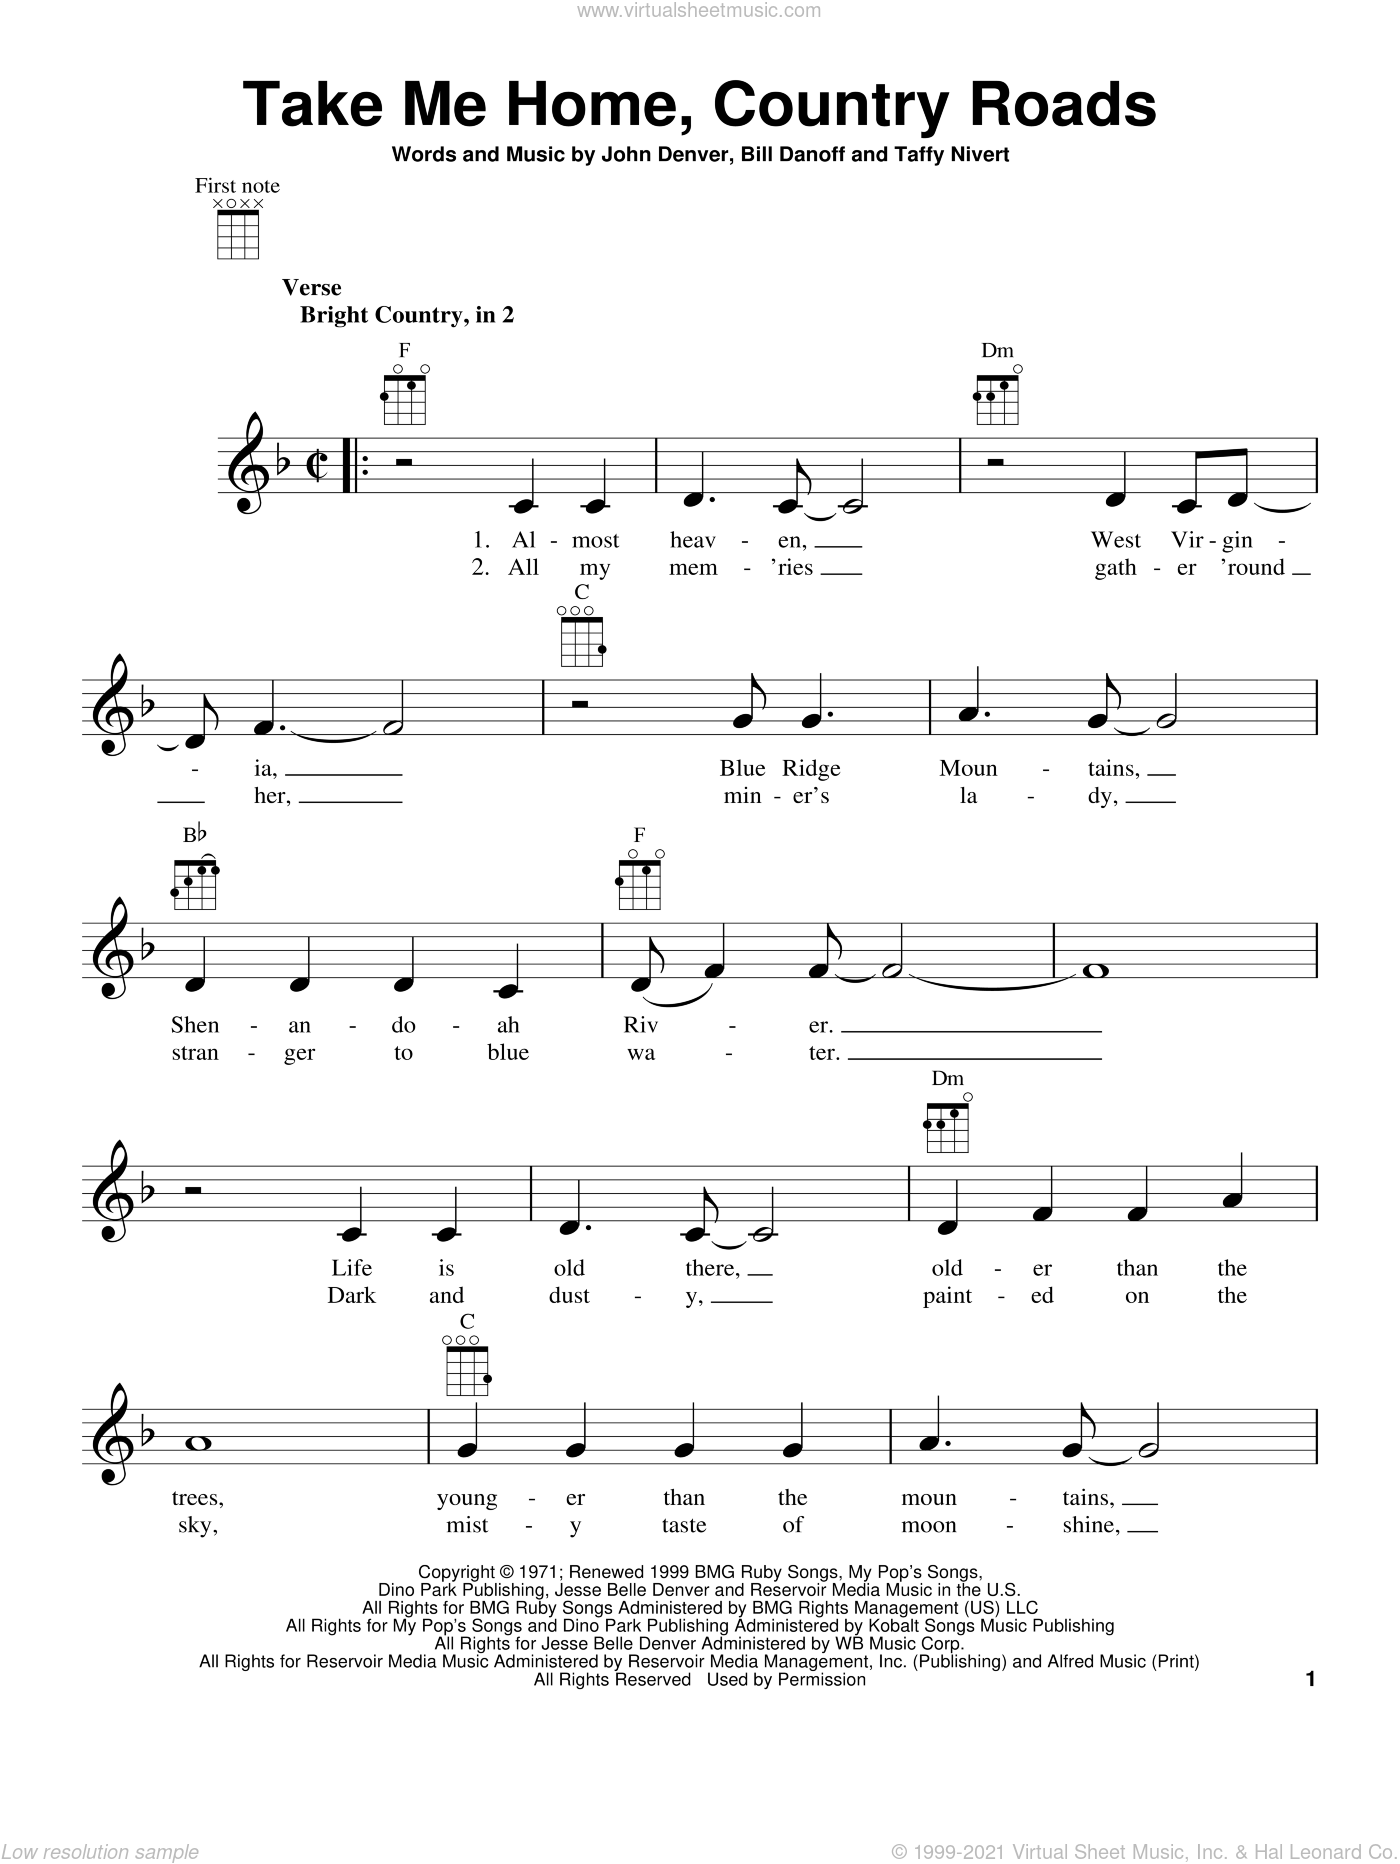 Take Me Home, Country Roads sheet music for ukulele by John Denver, Bill Danoff and Taffy Nivert, intermediate skill level